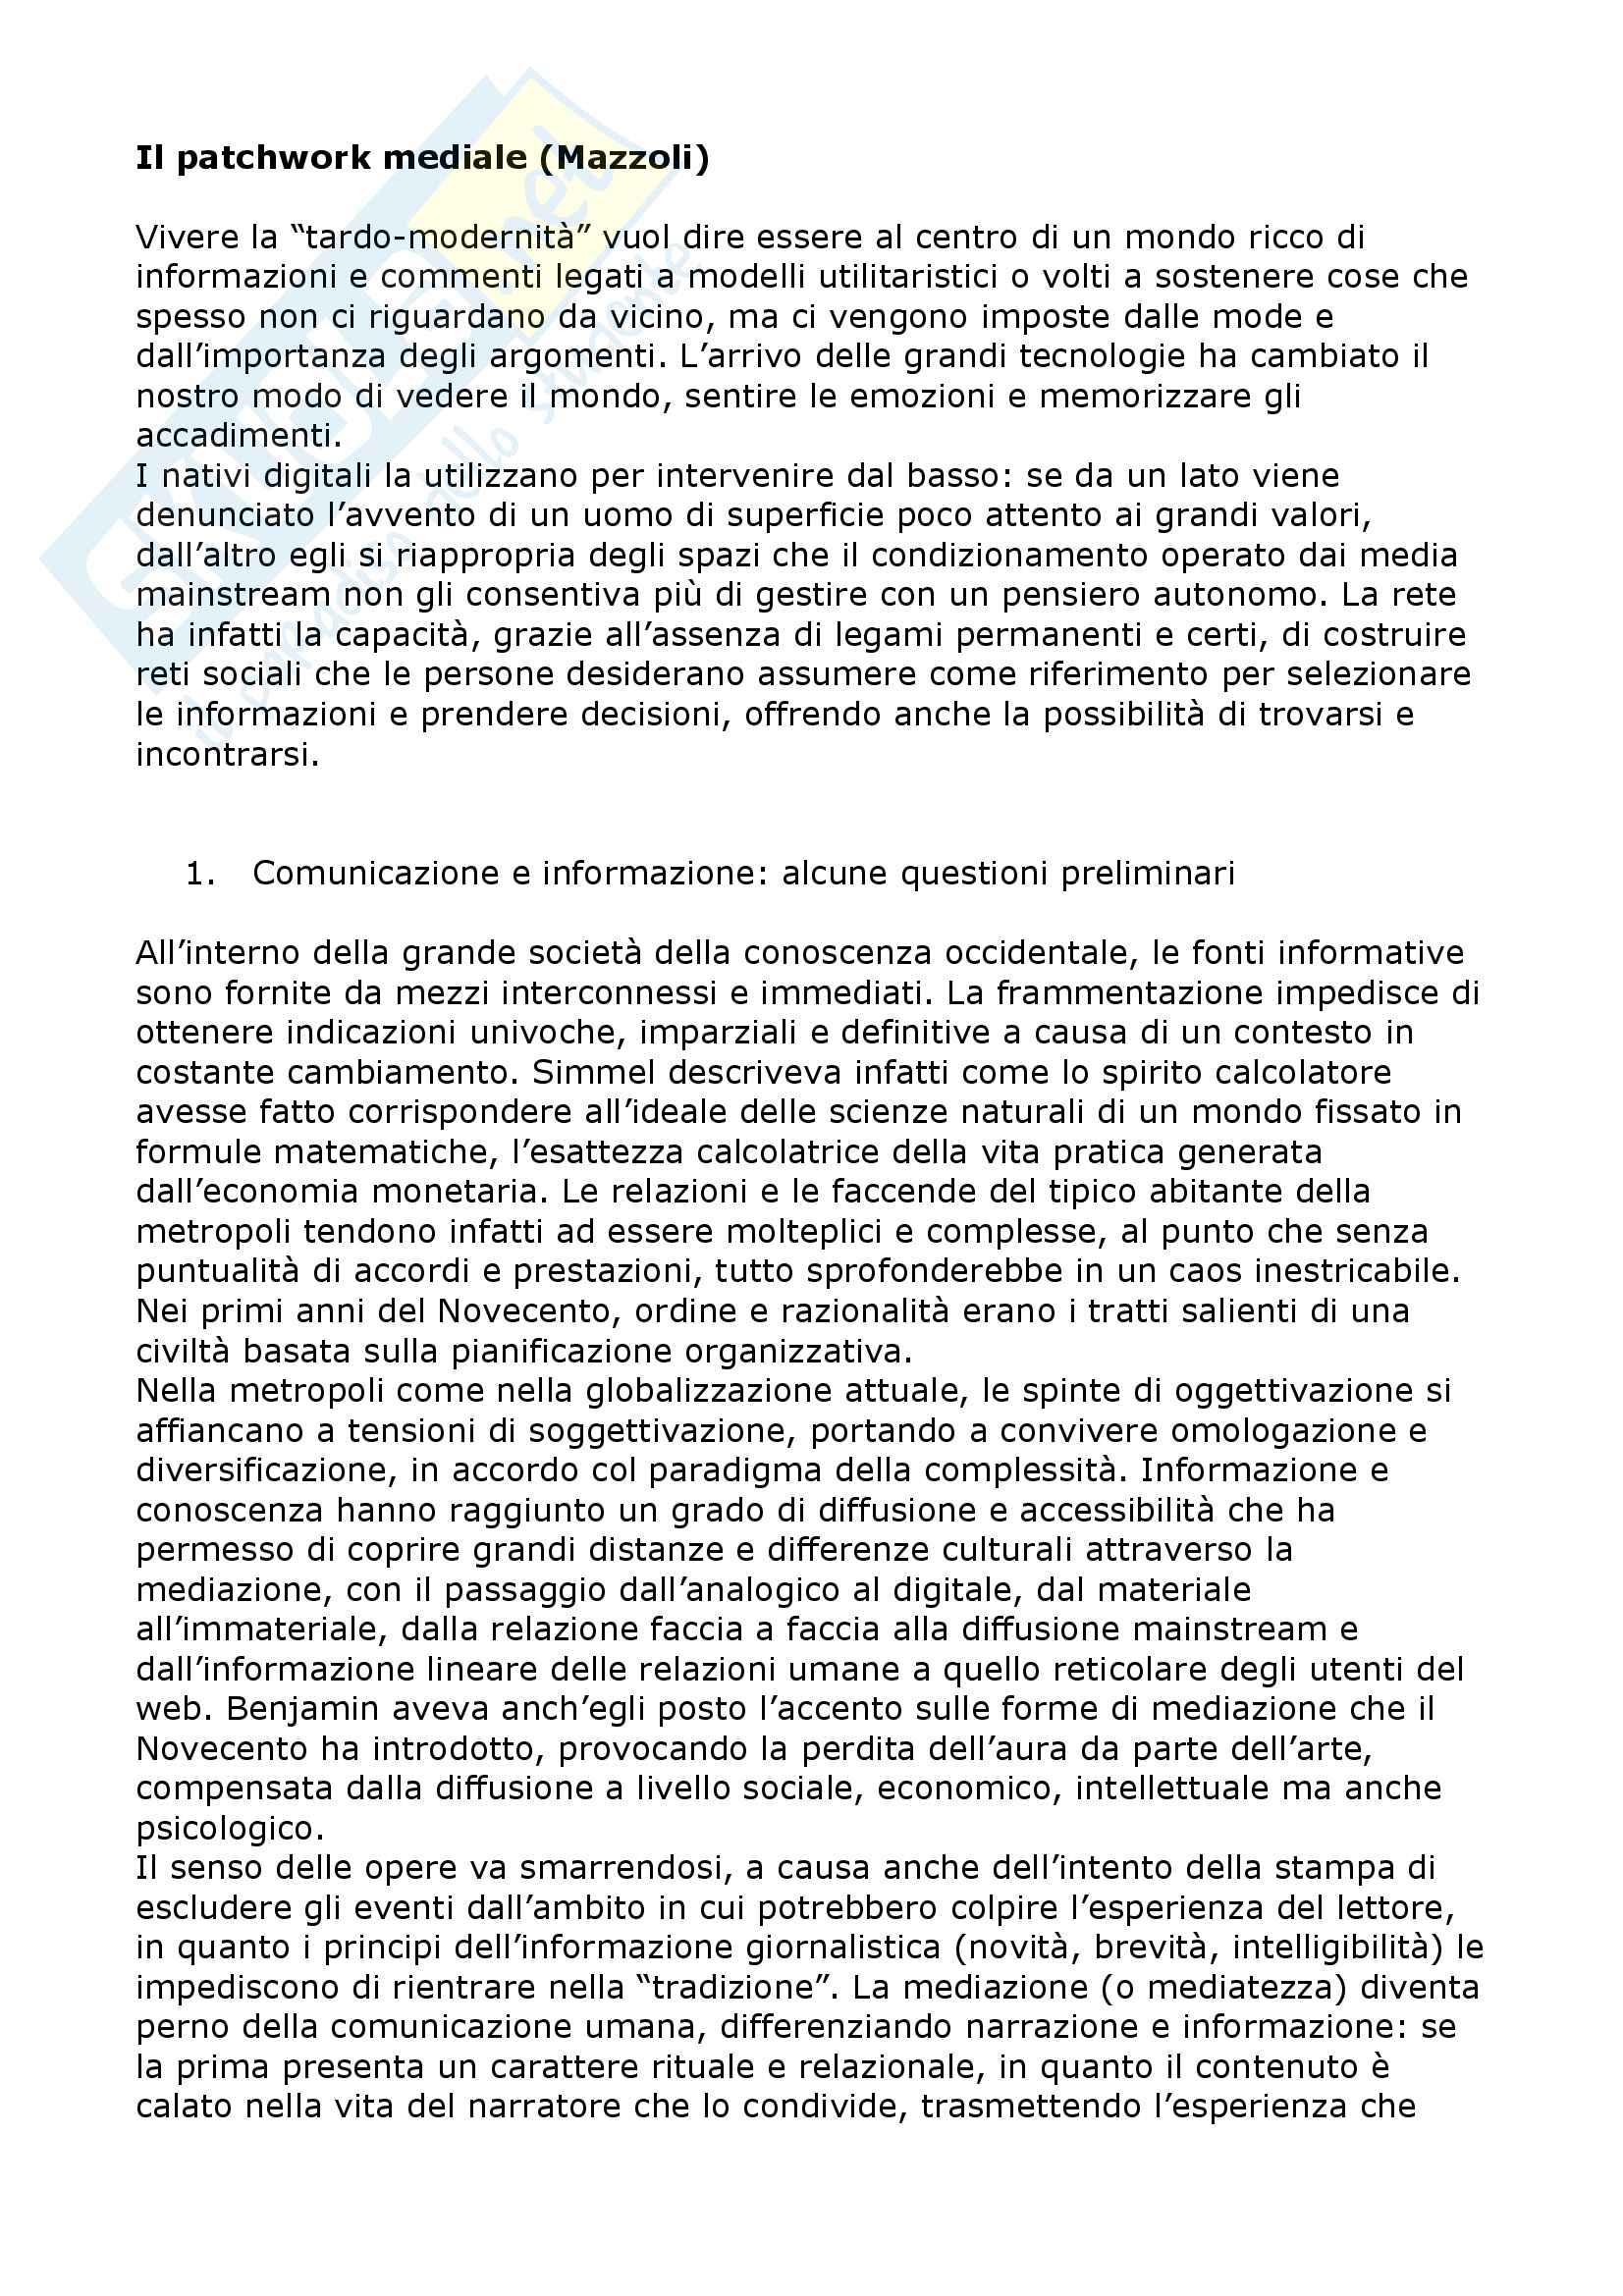 Riassunto esame Sociologia della comunicazione, prof. Mazzoli, libro consigliato Il patchwork mediale, Mazzoli